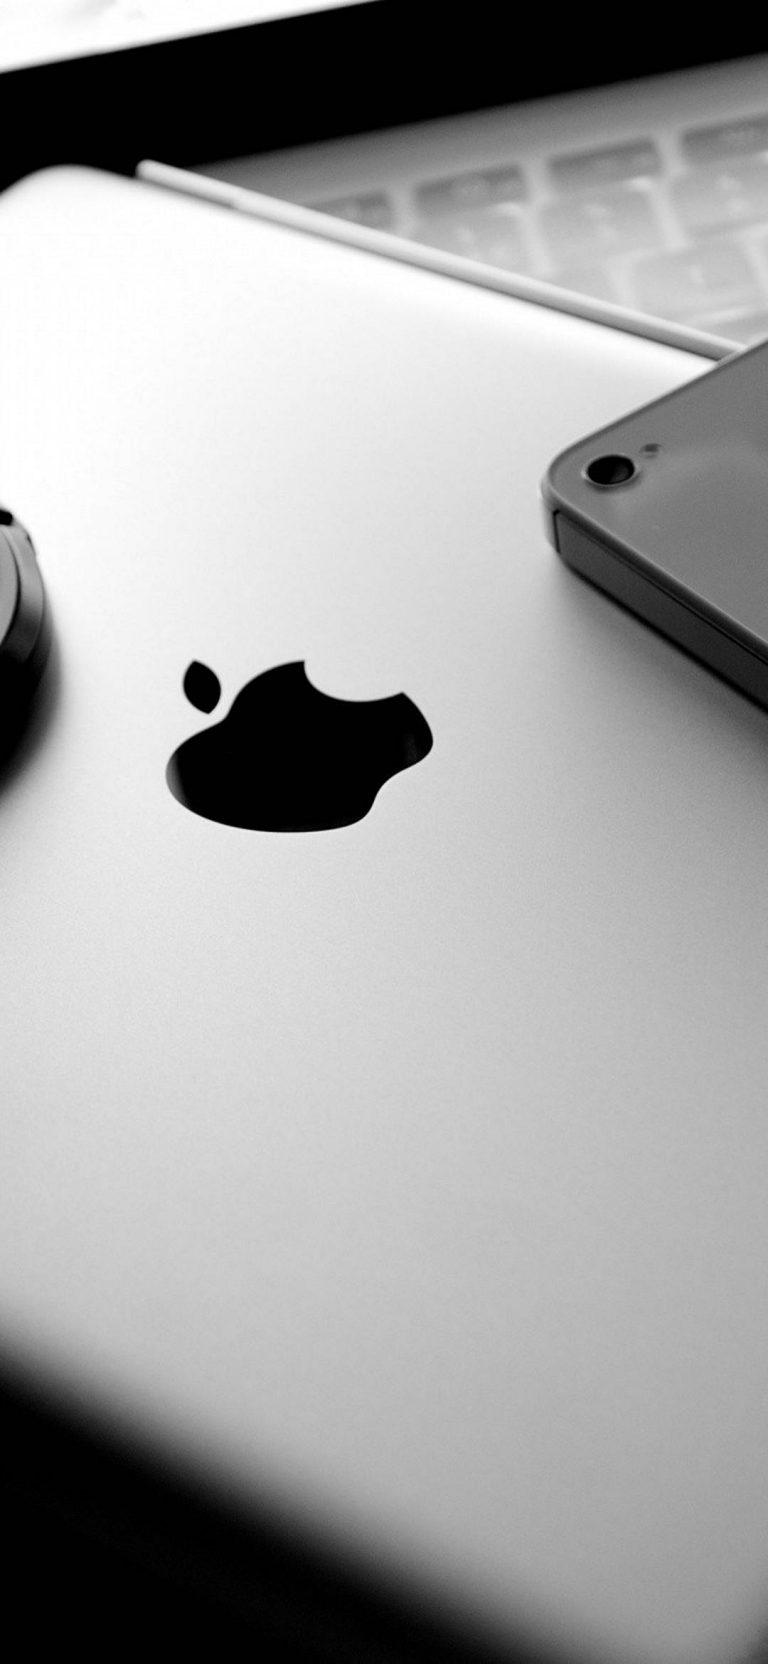 Wallpaper apple inc 1080x2340 768x1664